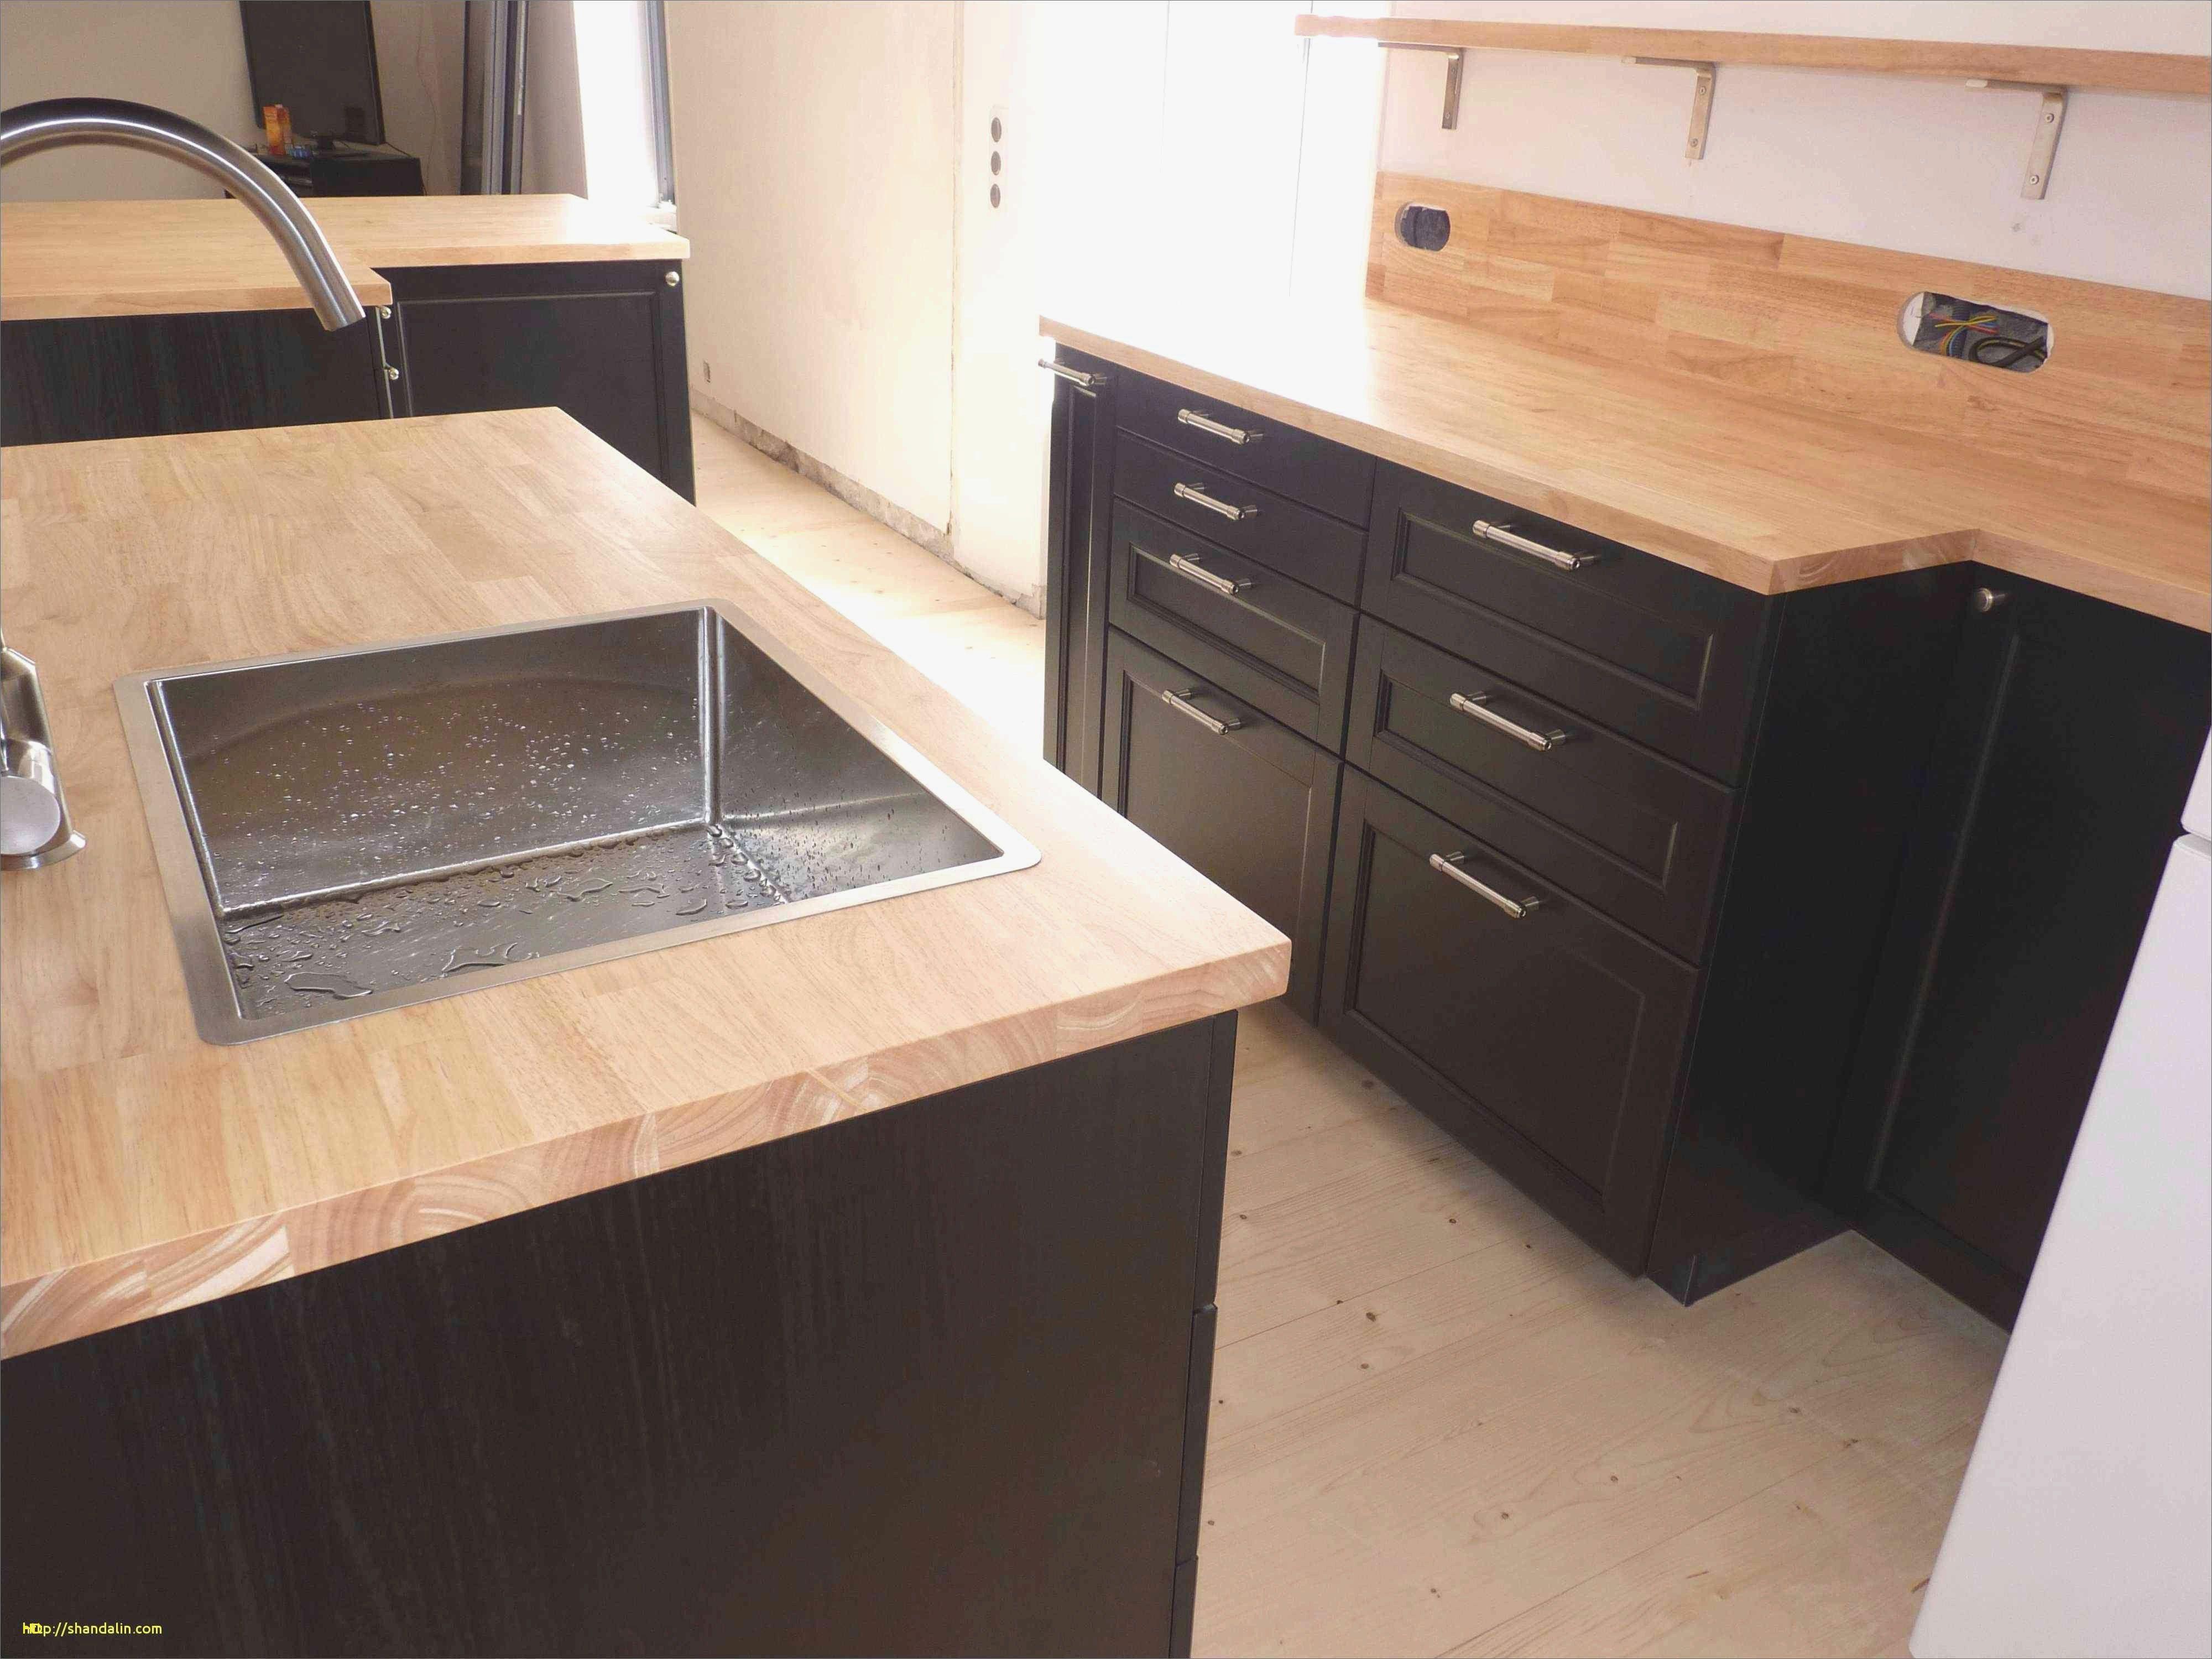 27 Genial Collection De Cuisine Plus Rennes Cuisine Plus Rennes Nouveau Ikea Rennes Soldes 27 Genial Collec In 2020 Kitchen Worktop Kitchen Island Plans Kitchen